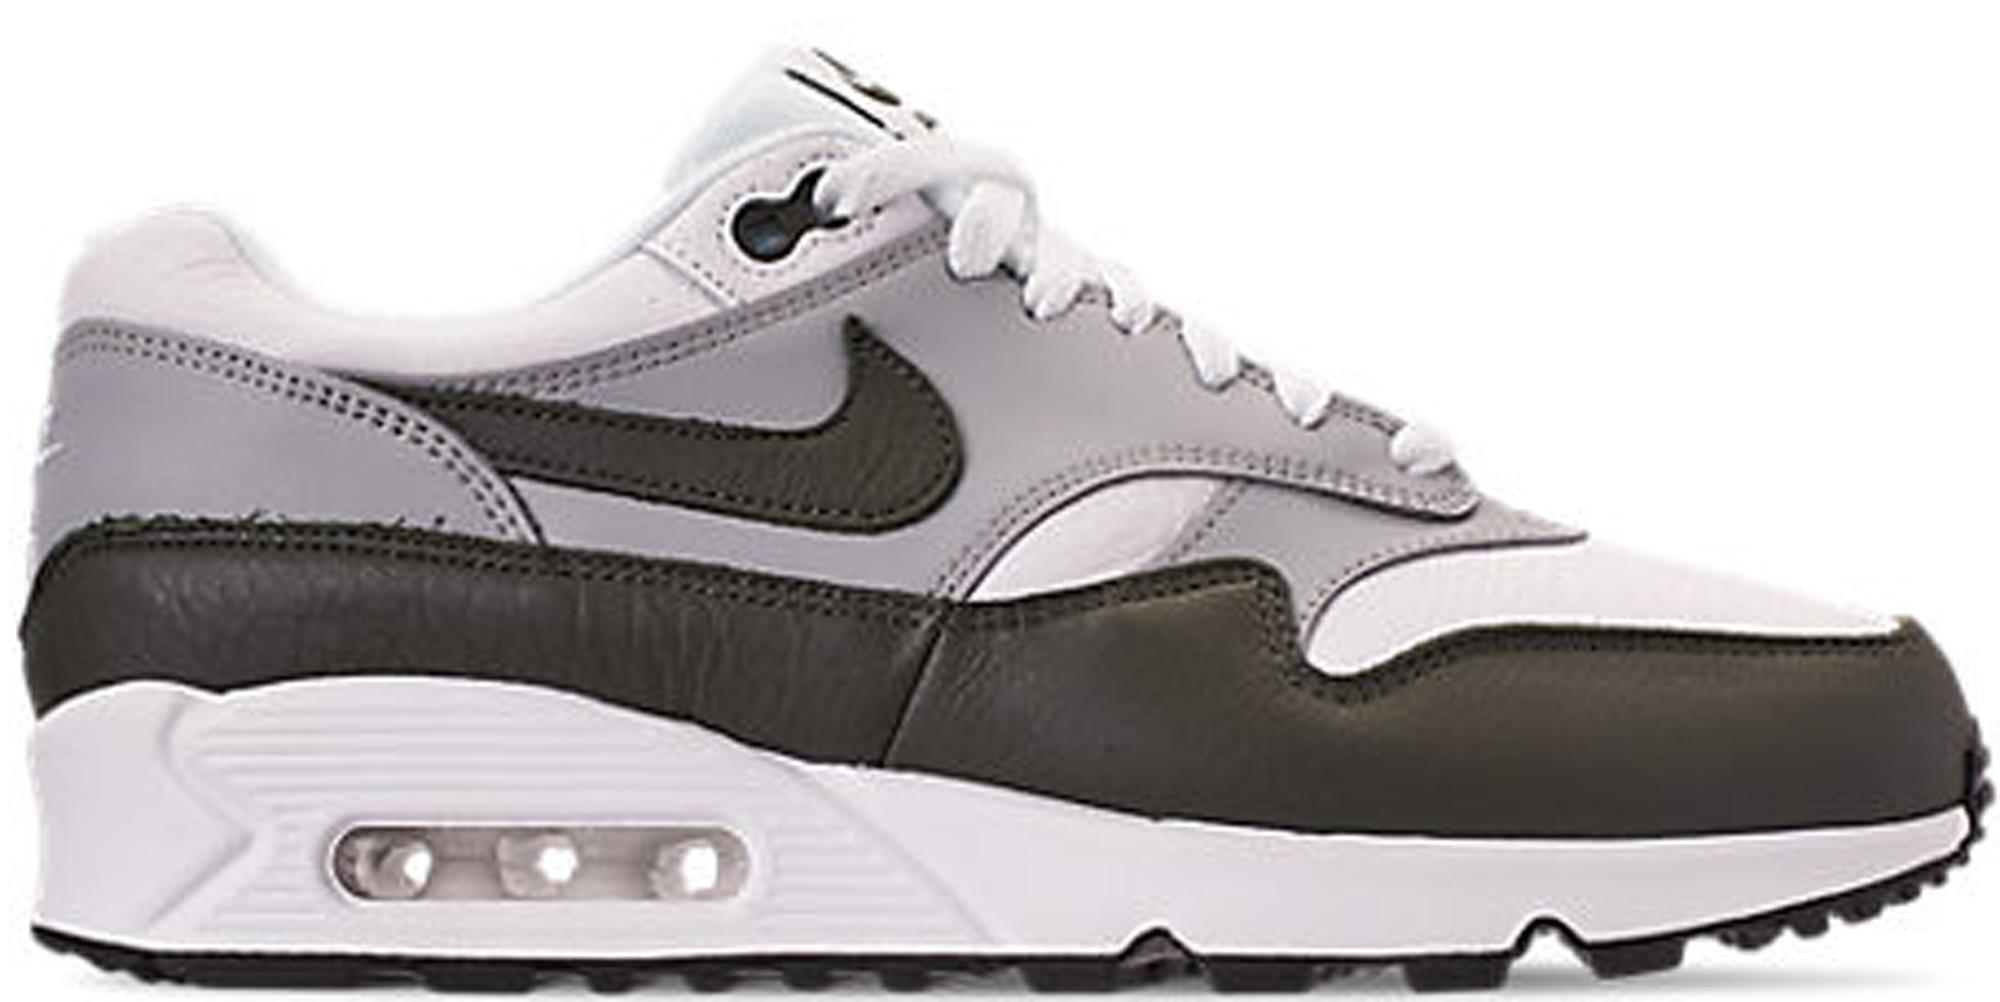 NIKE Kie Ney AMAX 90 1 sneakers men AIR MAX 901 AJ7695 105 white white